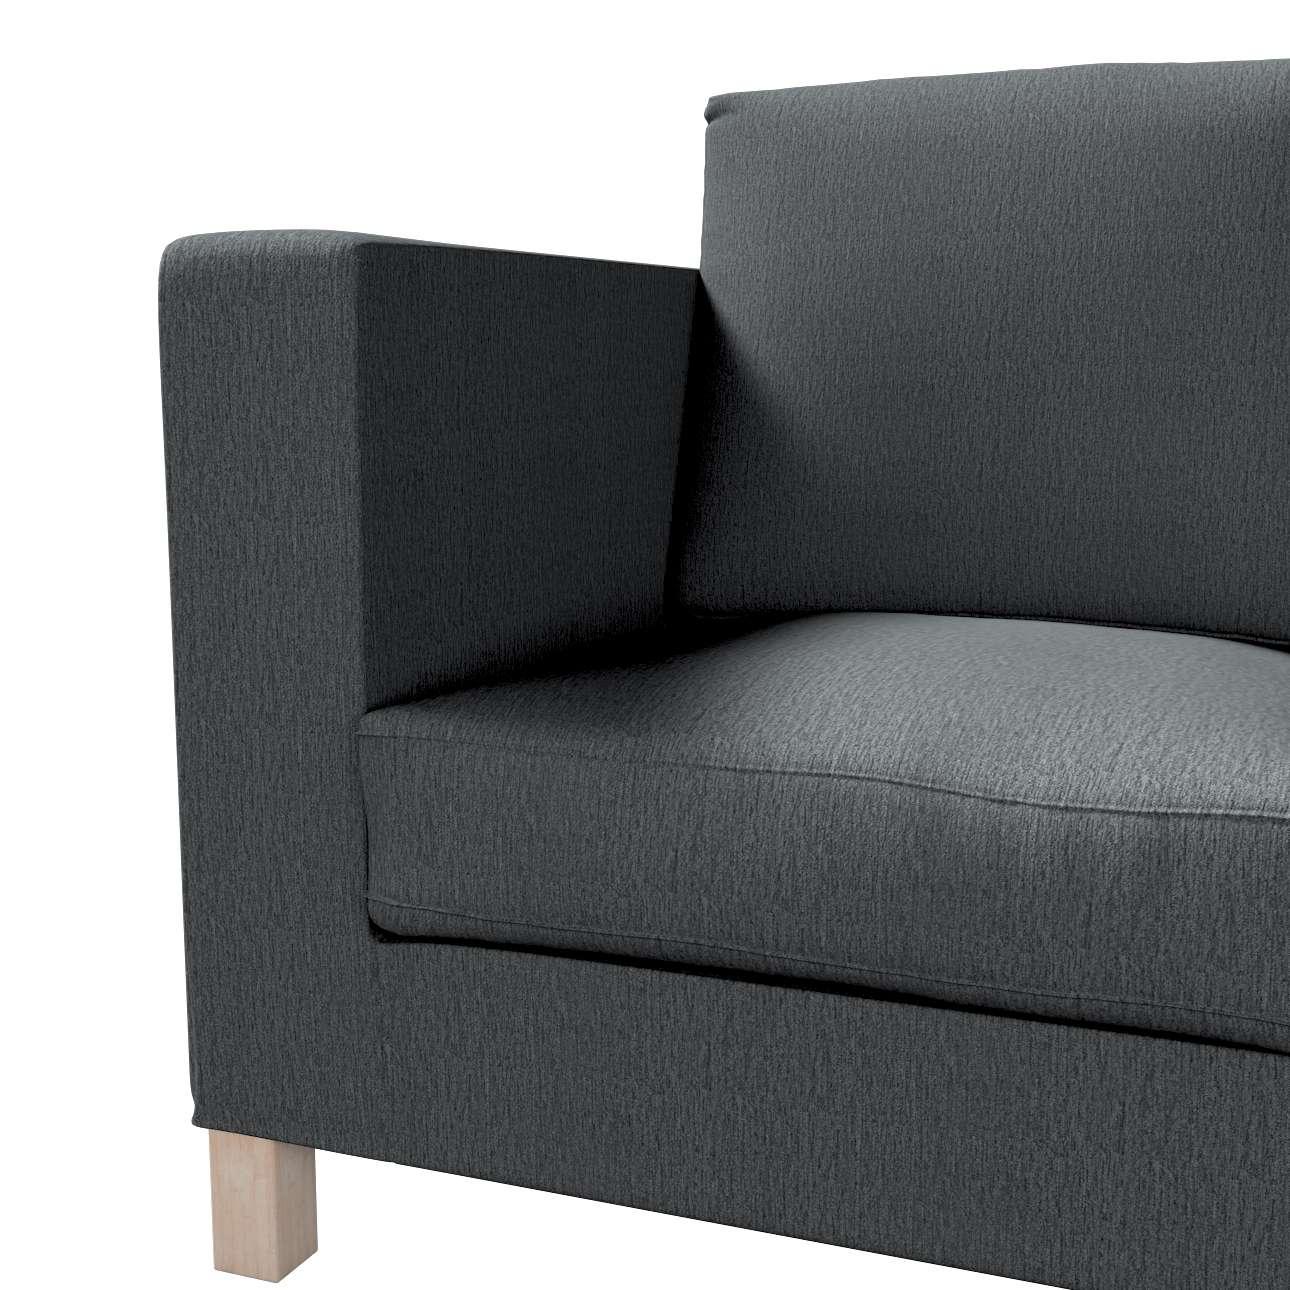 Bezug für Karlanda 3-Sitzer Sofa nicht ausklappbar, kurz von der Kollektion Chenille , Stoff: 702-20